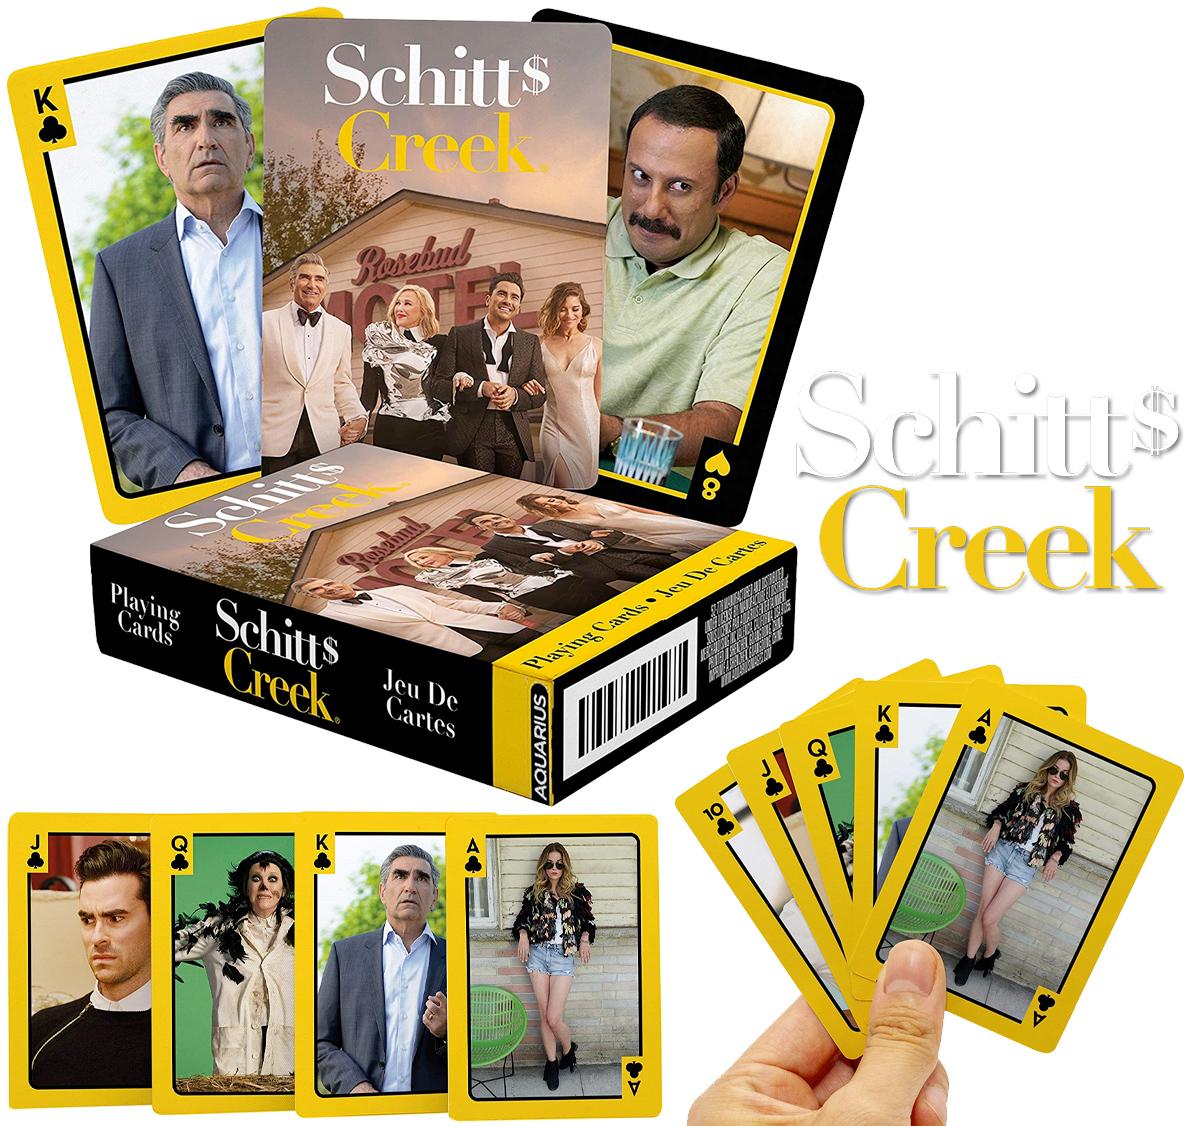 Baralho Temático da Série Schitt's Creek